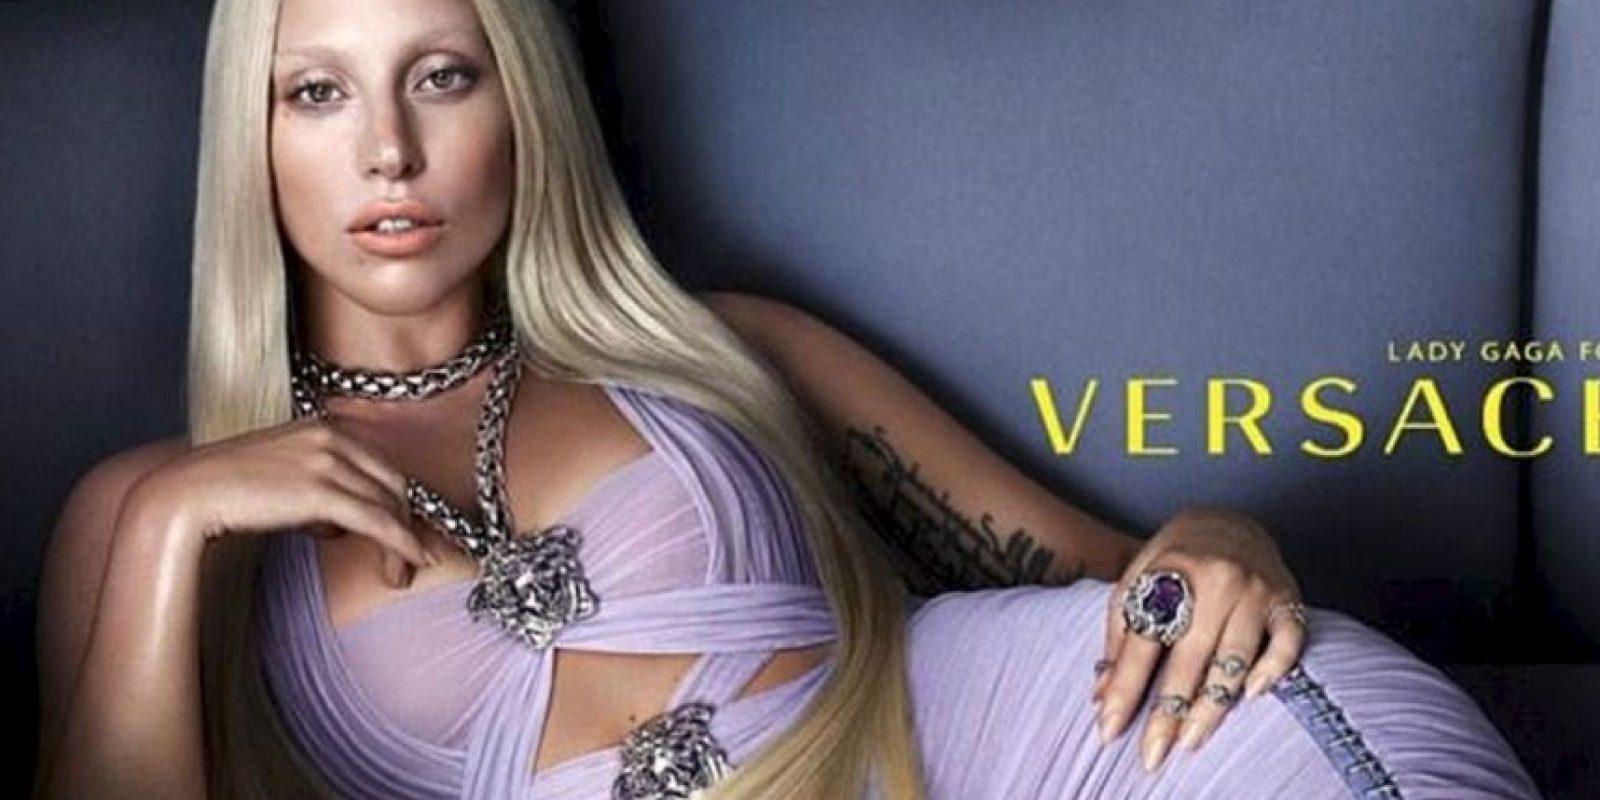 Lady Gaga es una activista contra el bullying. Sus performances y looks se han convertido en una referencia para muchos de sus seguidores LGBTI. Foto:vía Versace